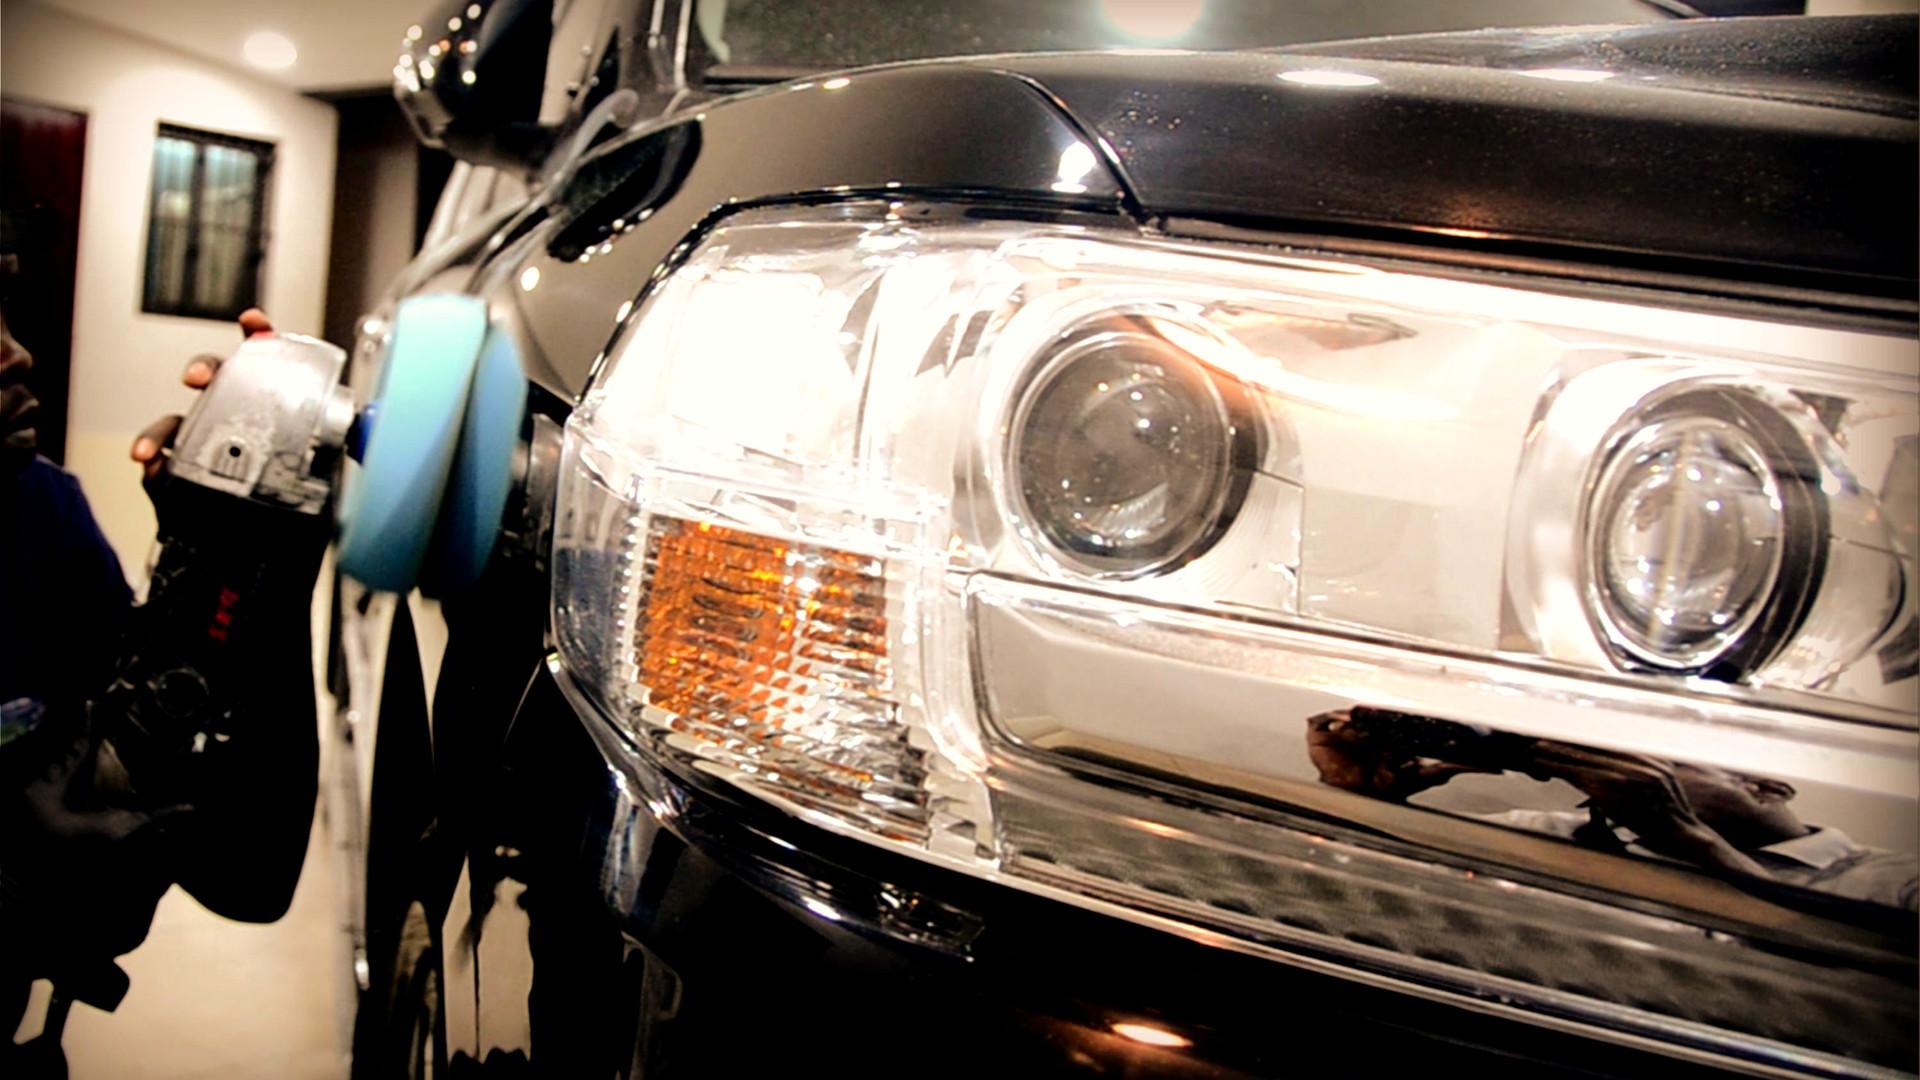 Retrouvez la voiture que vous avez aimé